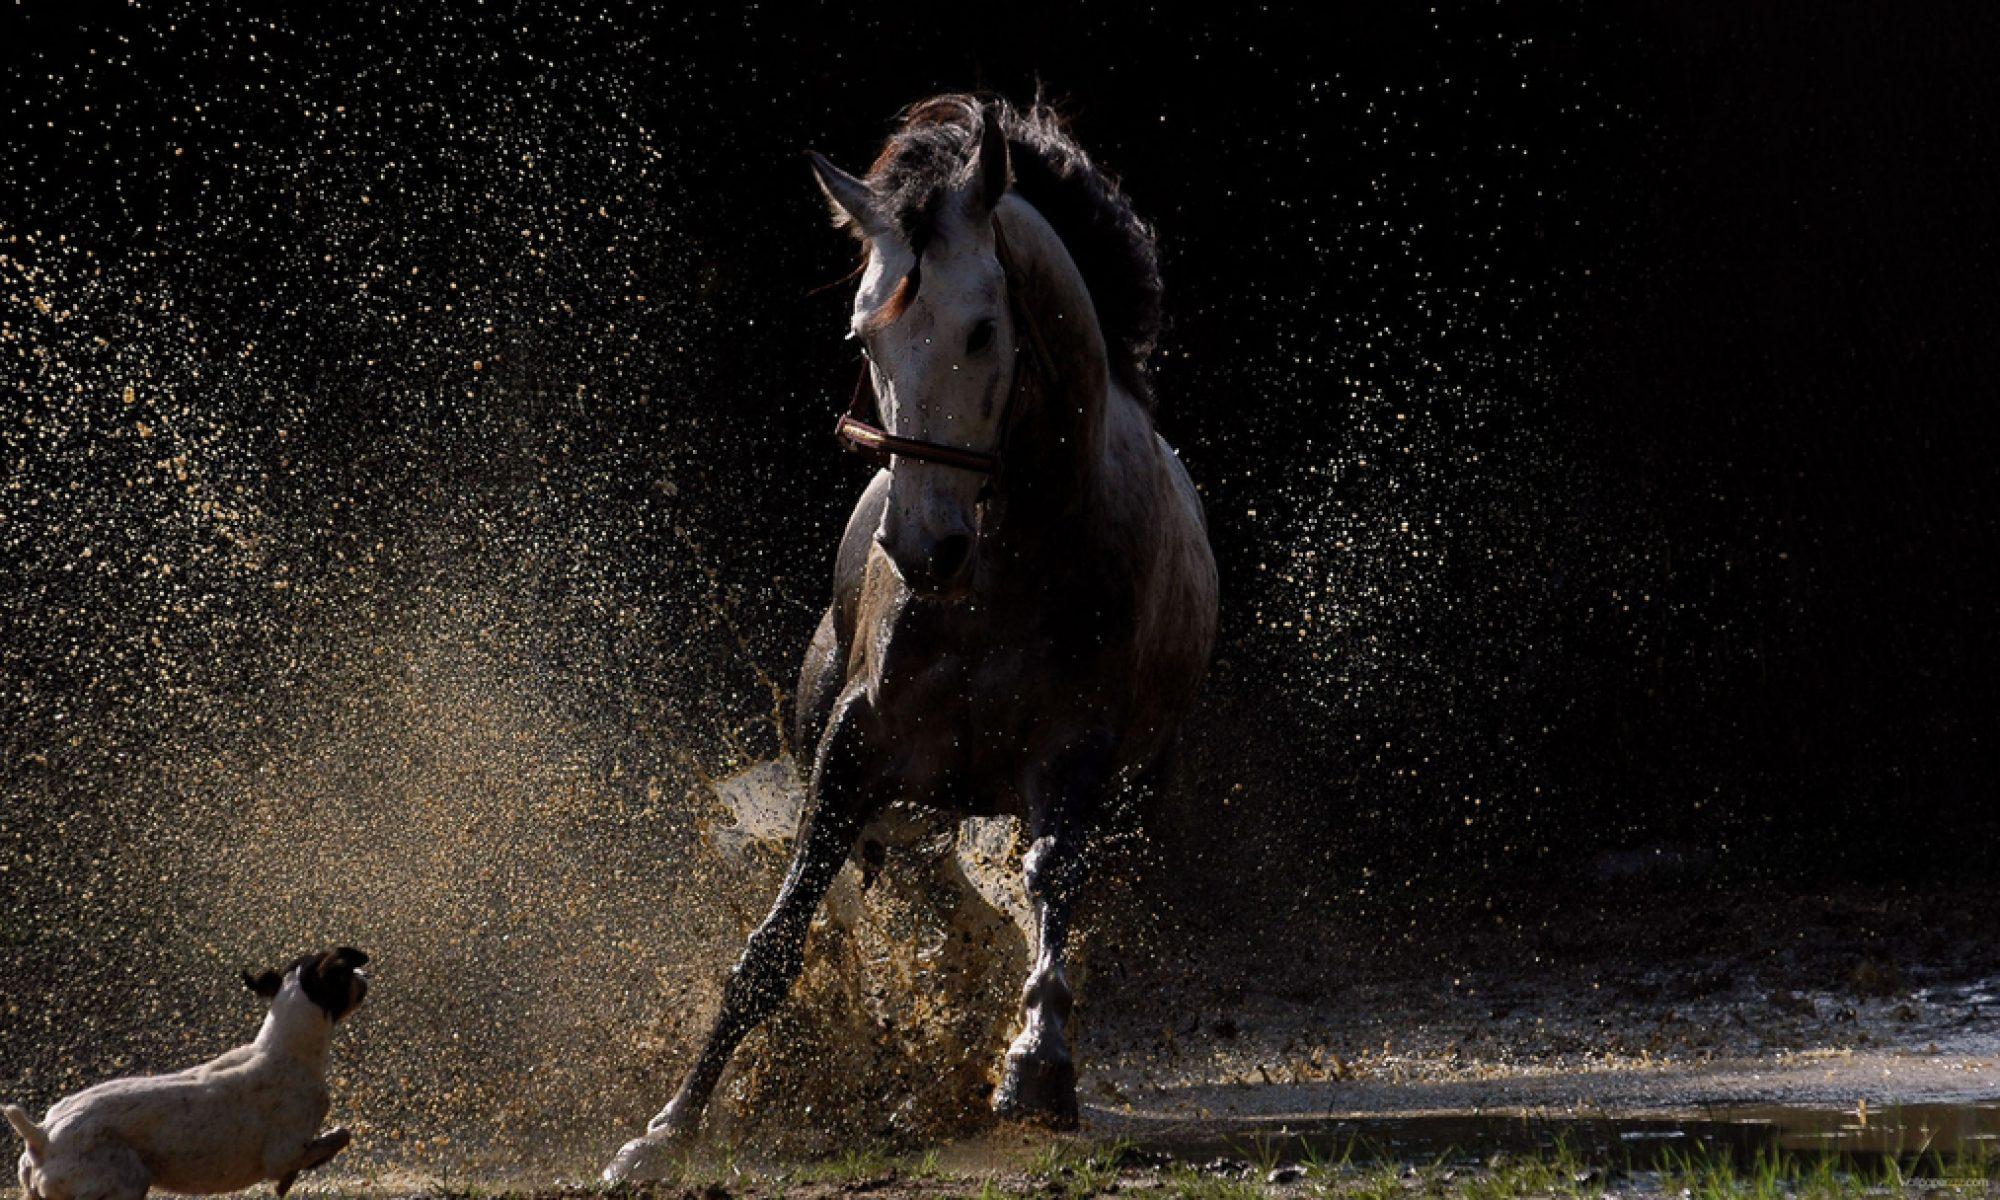 13 à cheval : L'Association de  Tourisme  Equestre des Bouches-du-Rhône